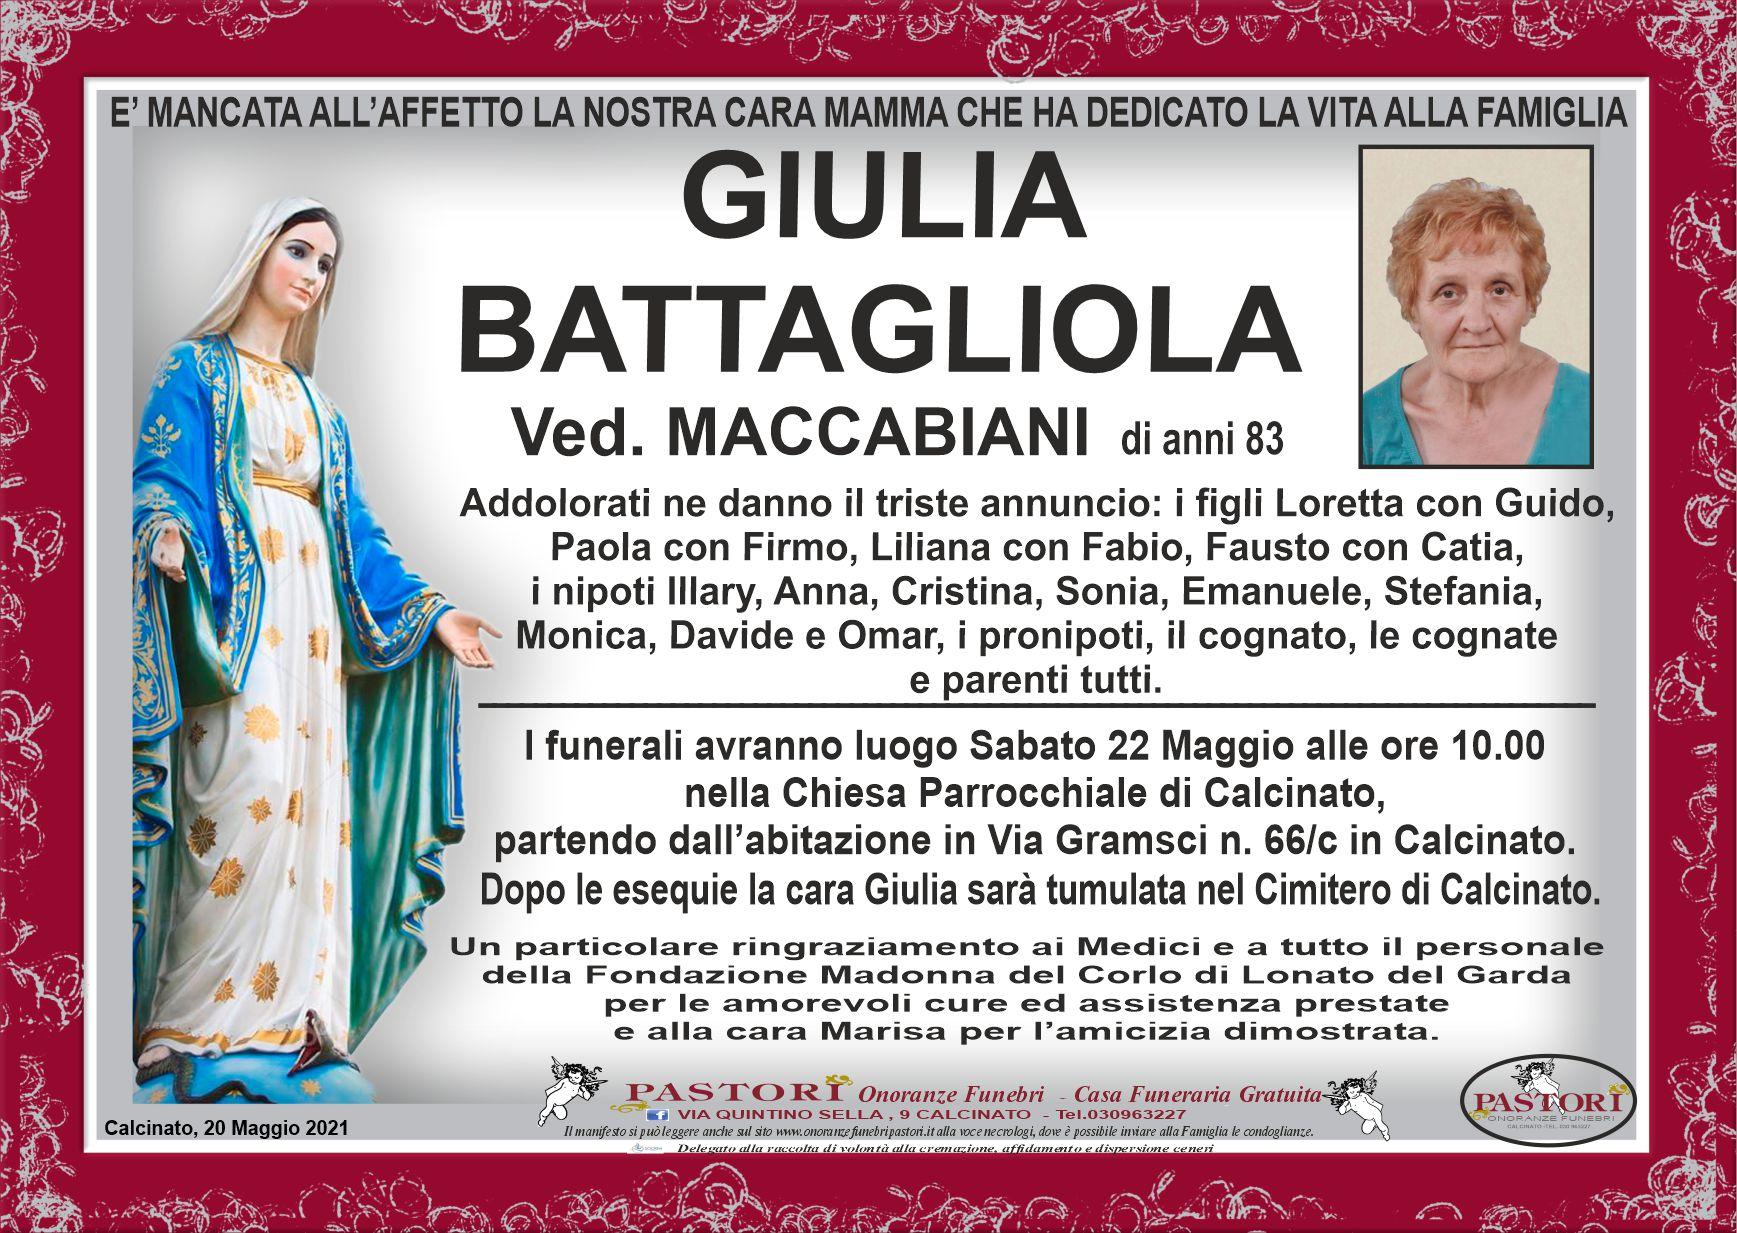 Giulia Battagliola